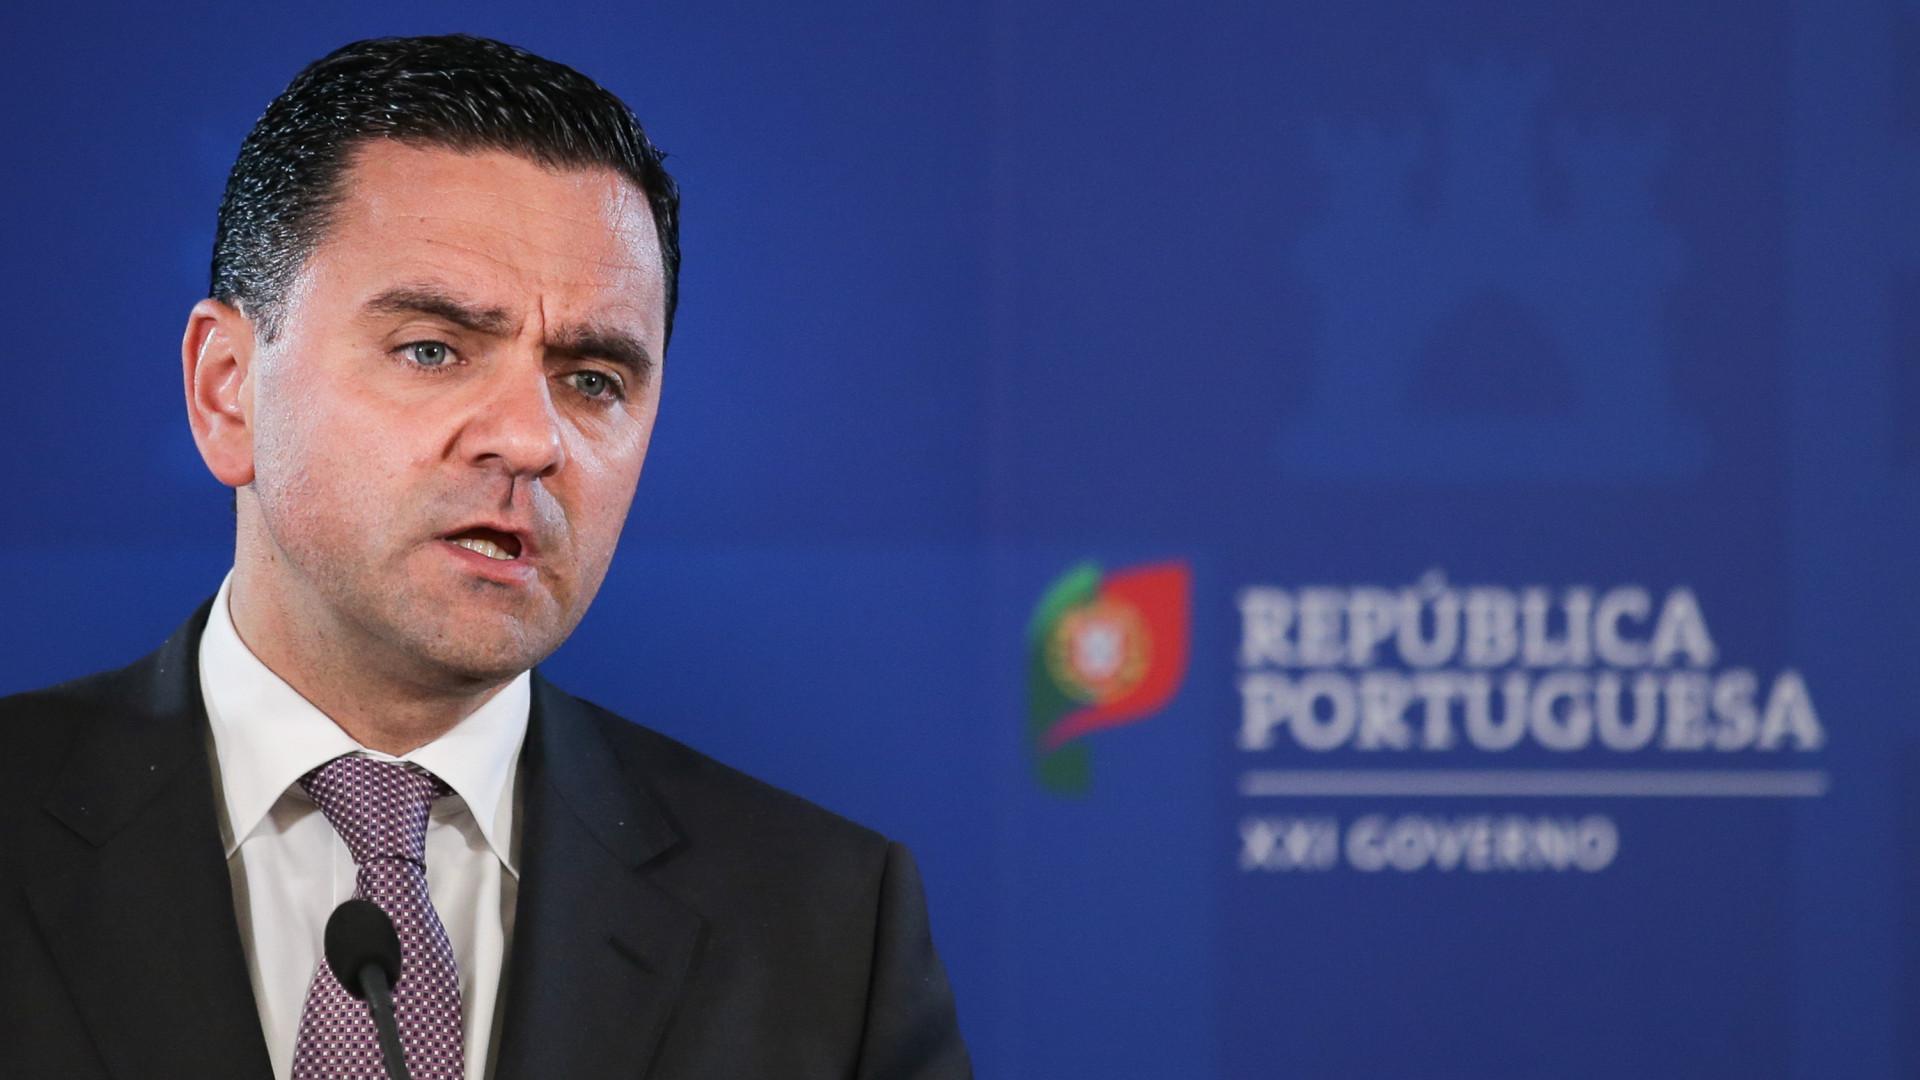 Ministro defende Portugal coeso para negociar fundos em Bruxelas